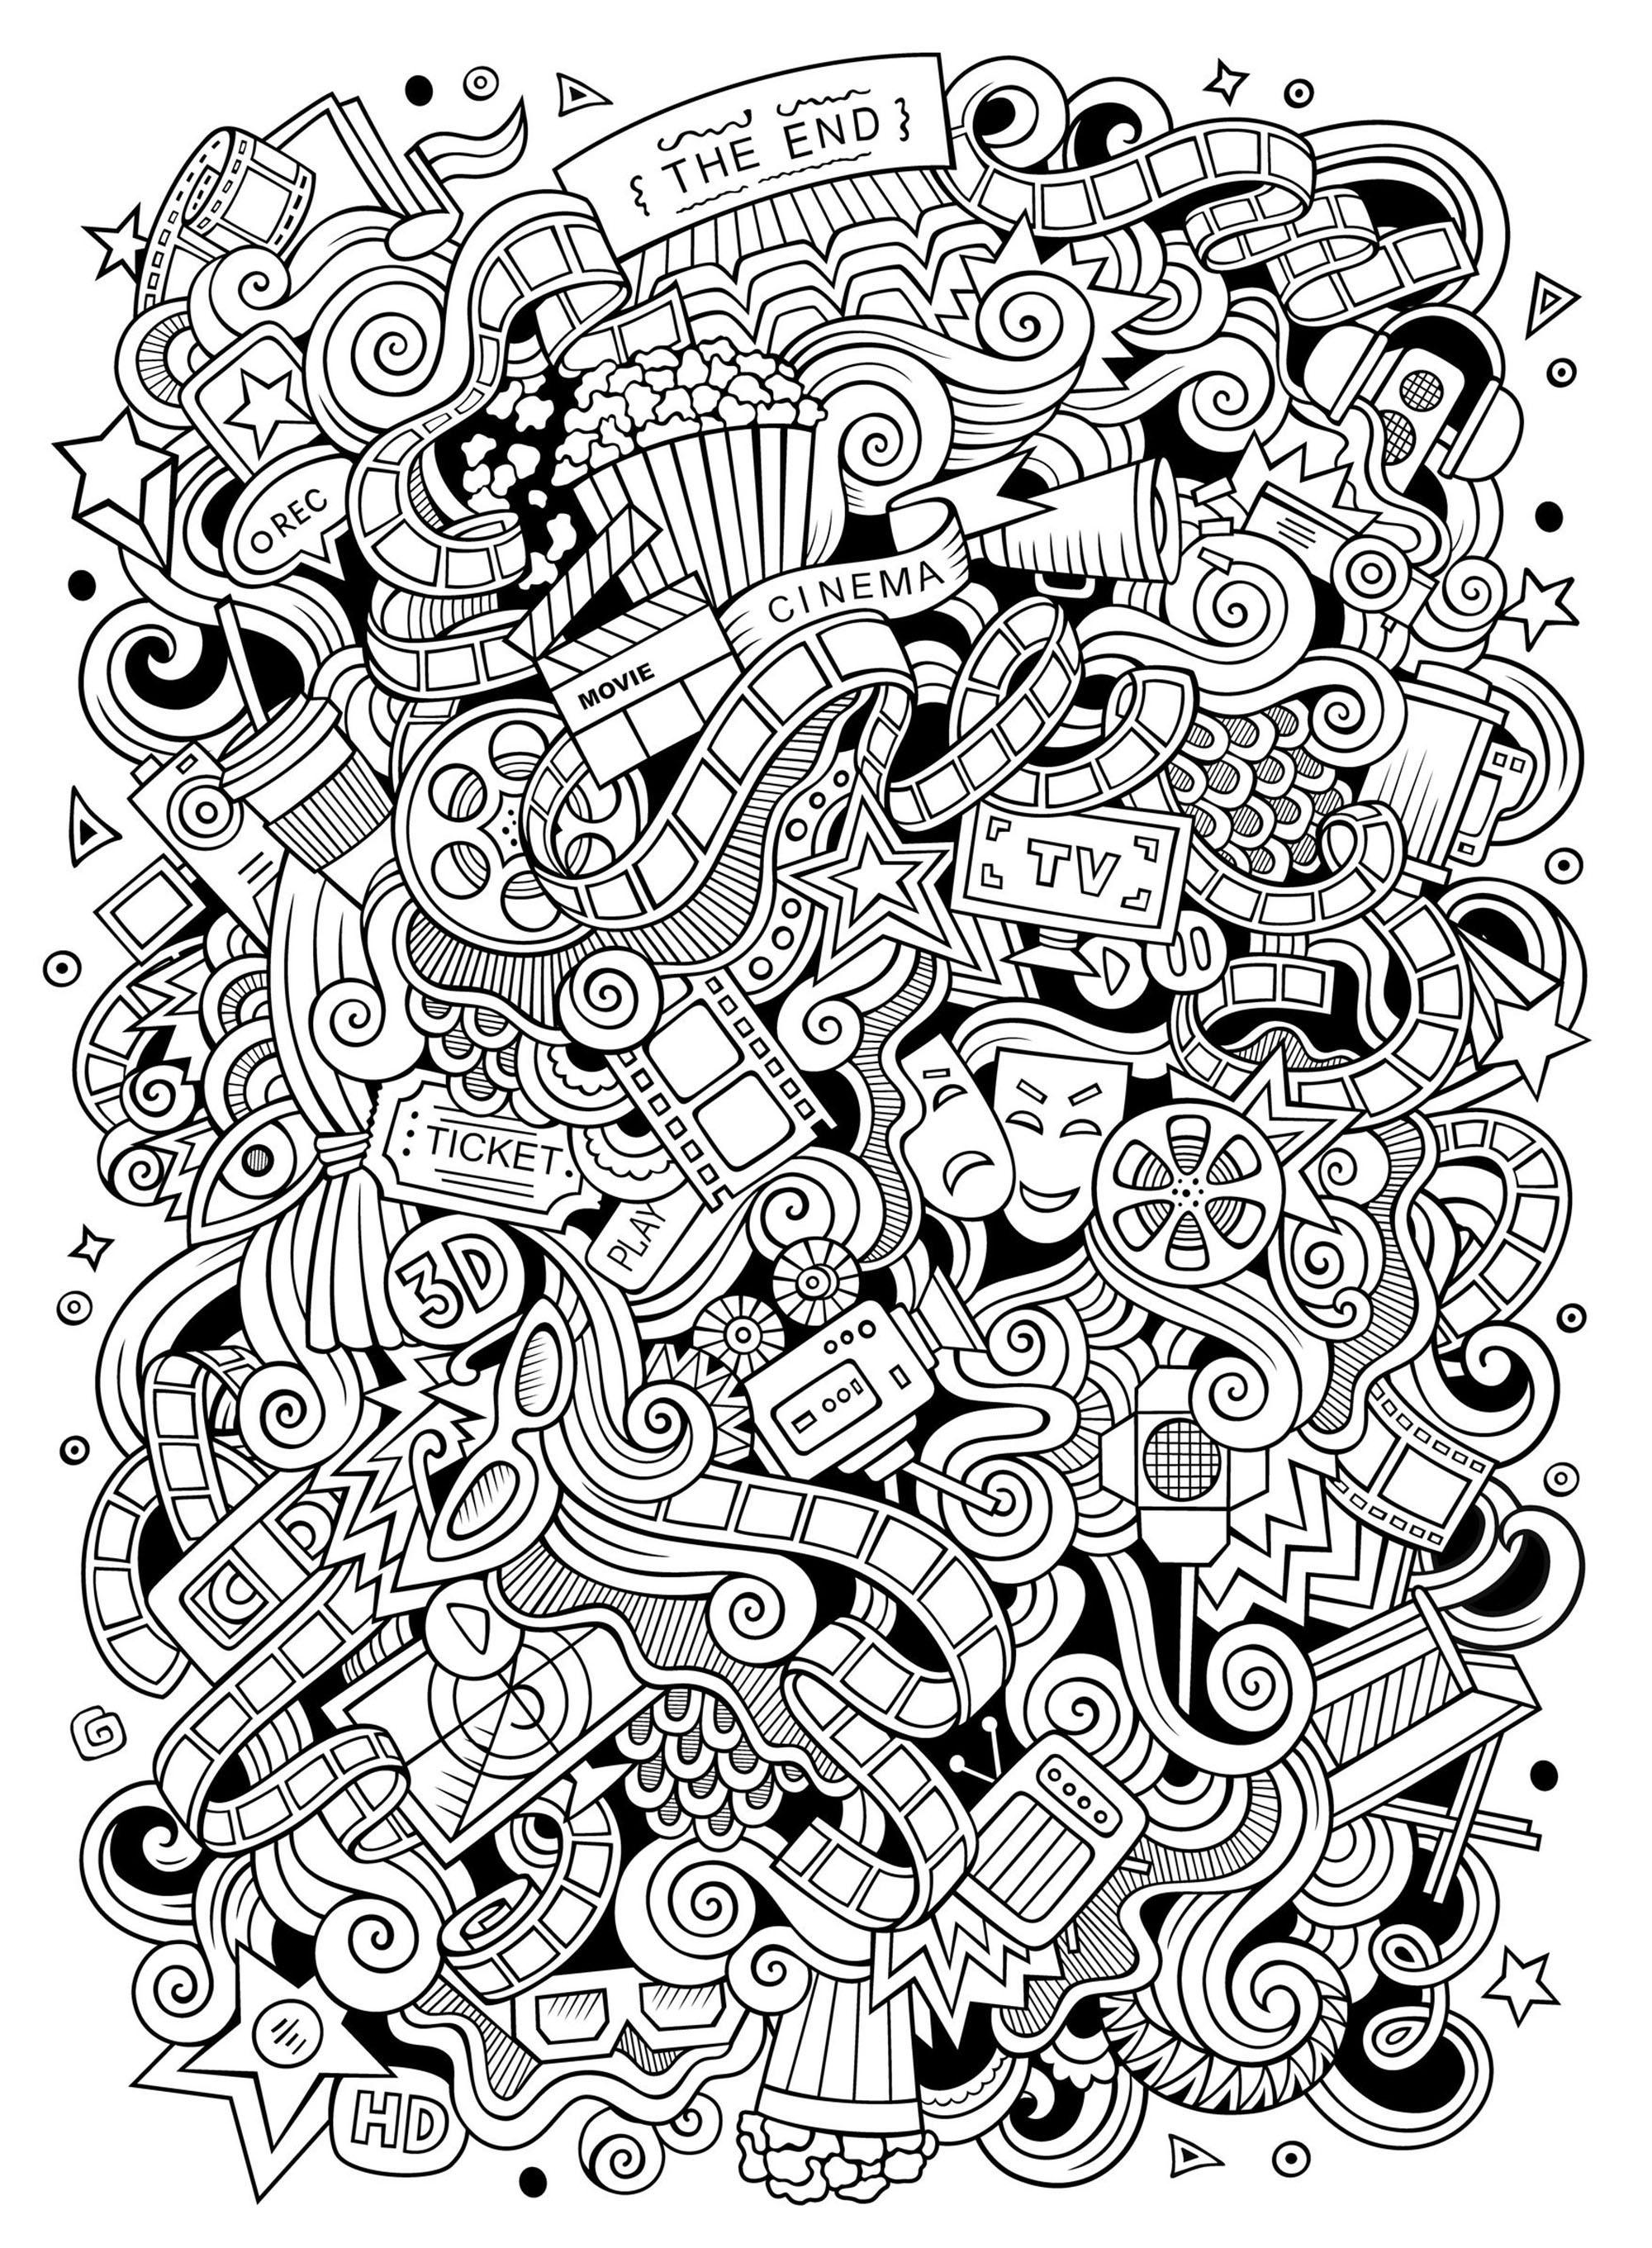 Cinema Doodle Doodle Art Doodling